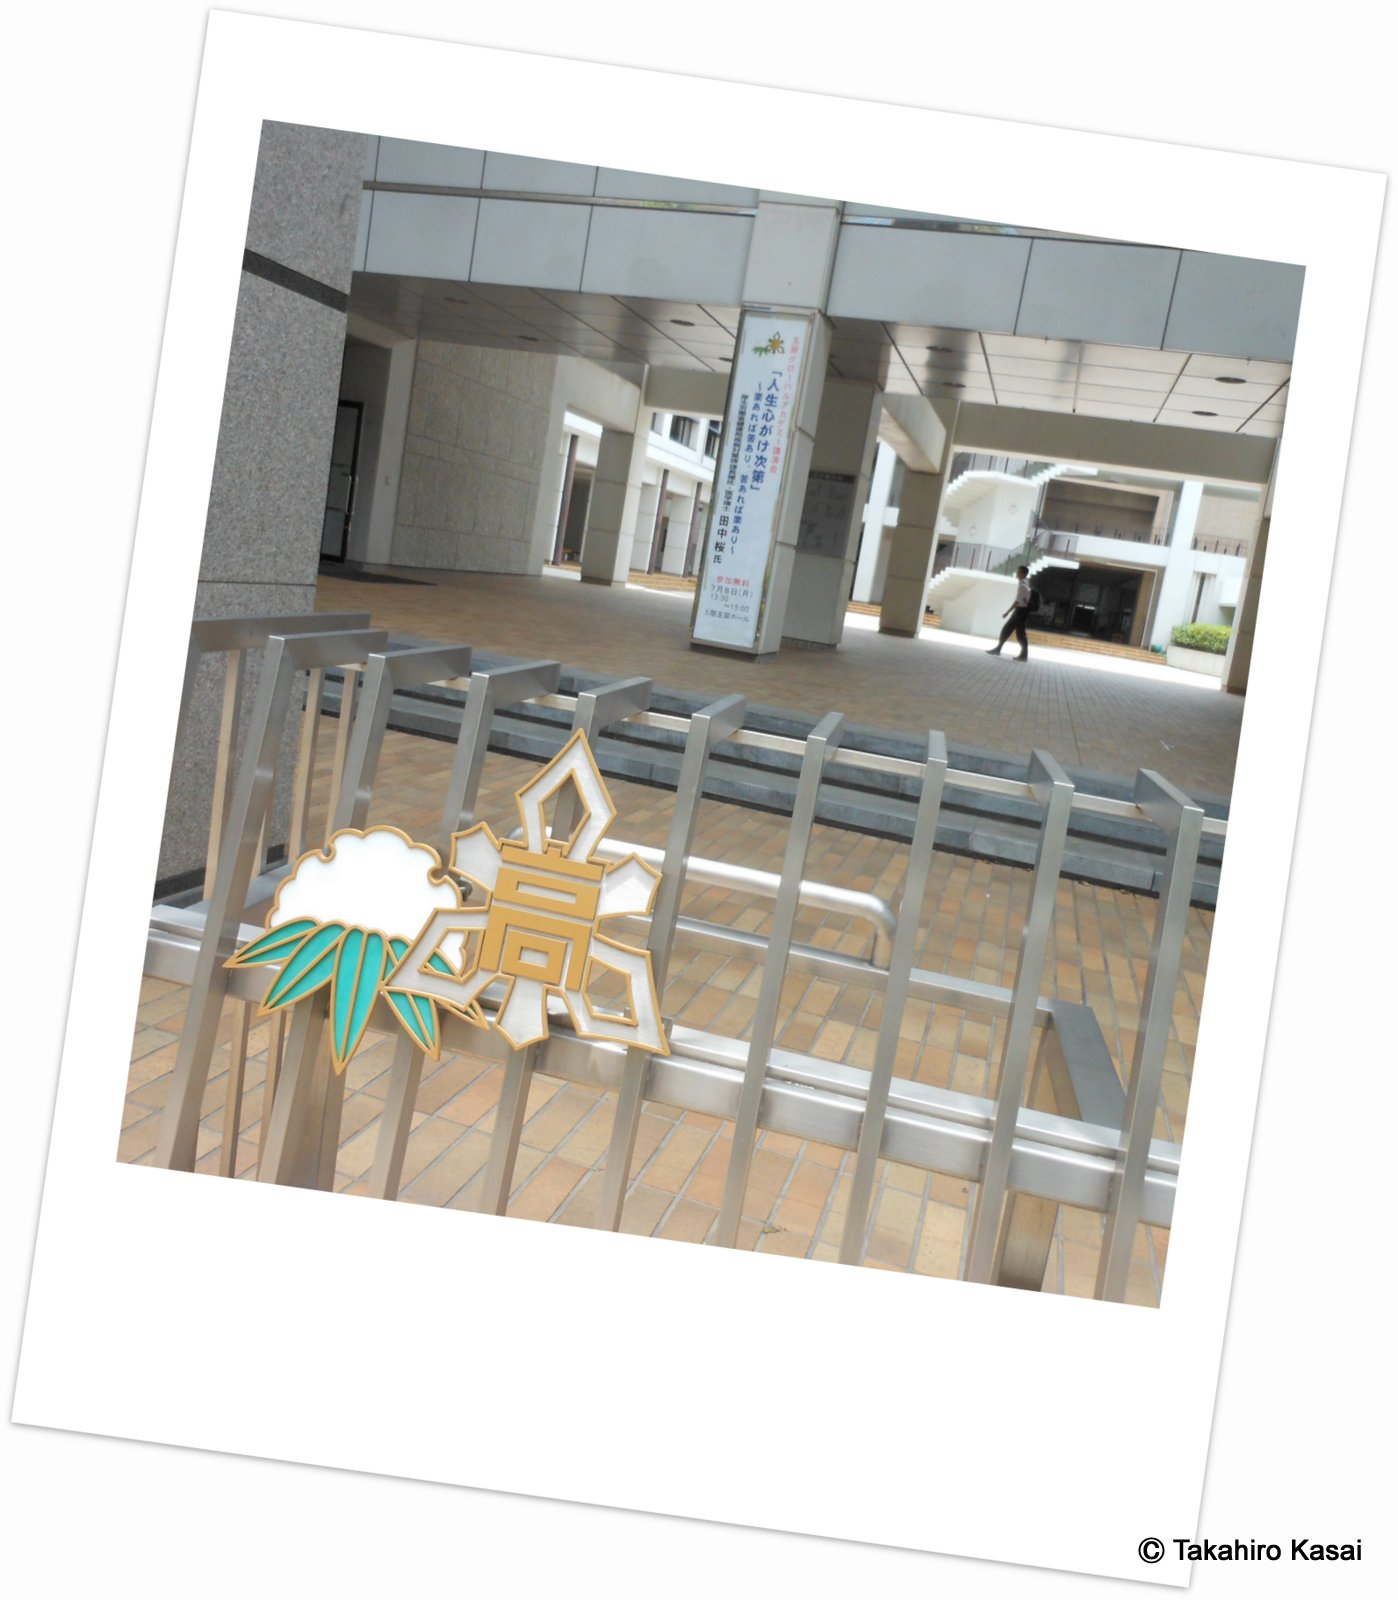 旧制中等教育学校の一覧 (香川県)